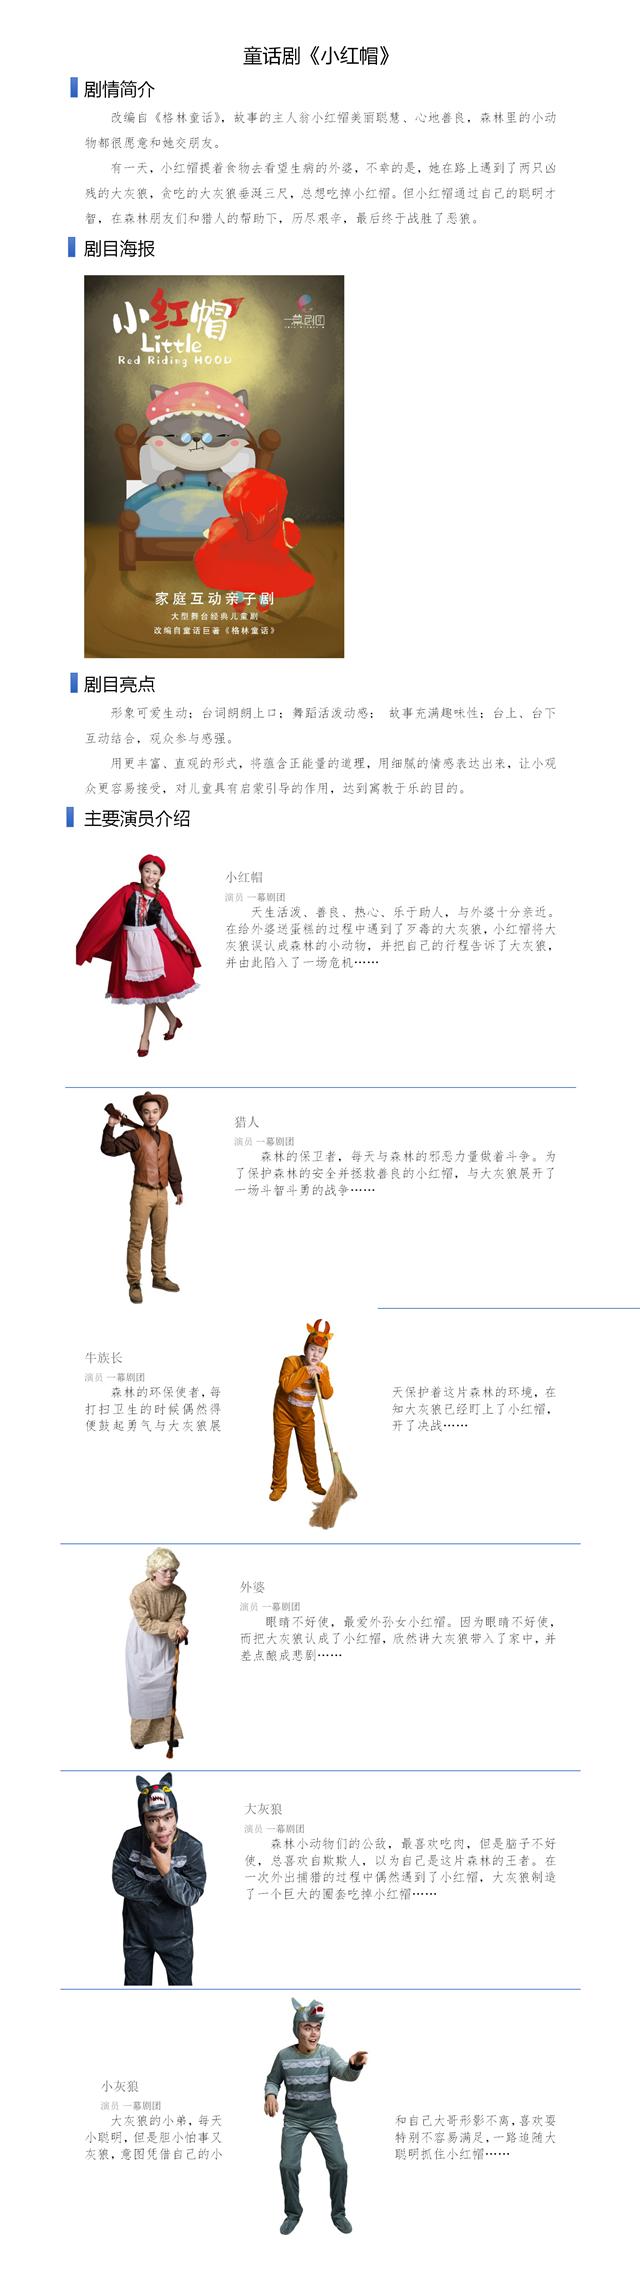 童话剧 《小红帽》长图无二维码.png